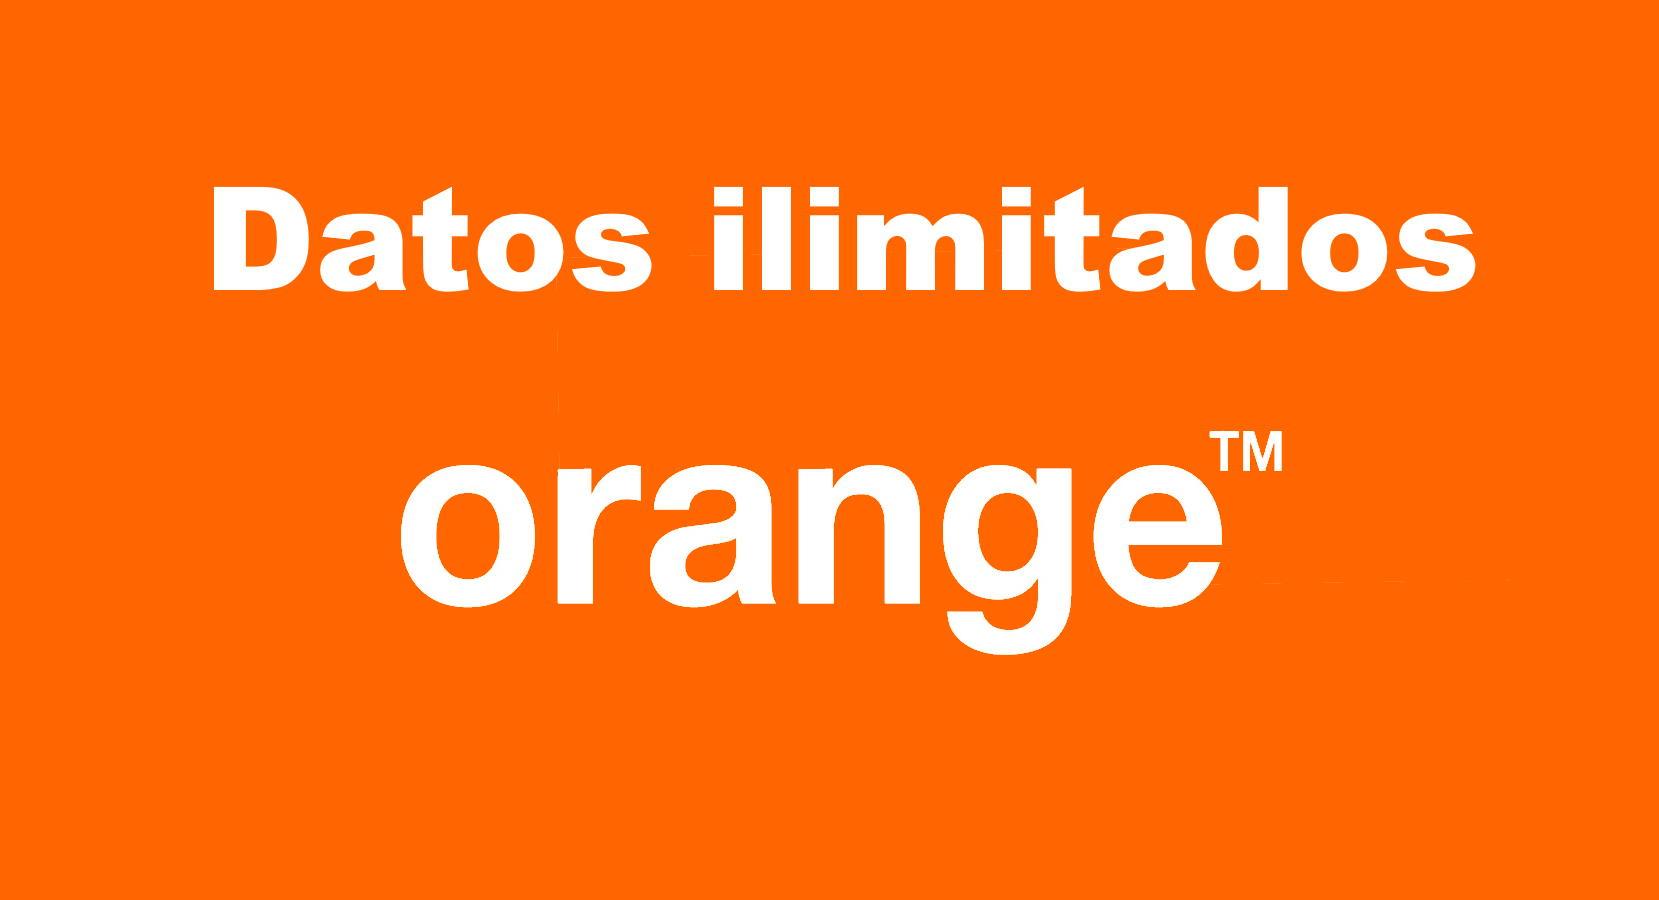 Datos ilimitados Orange